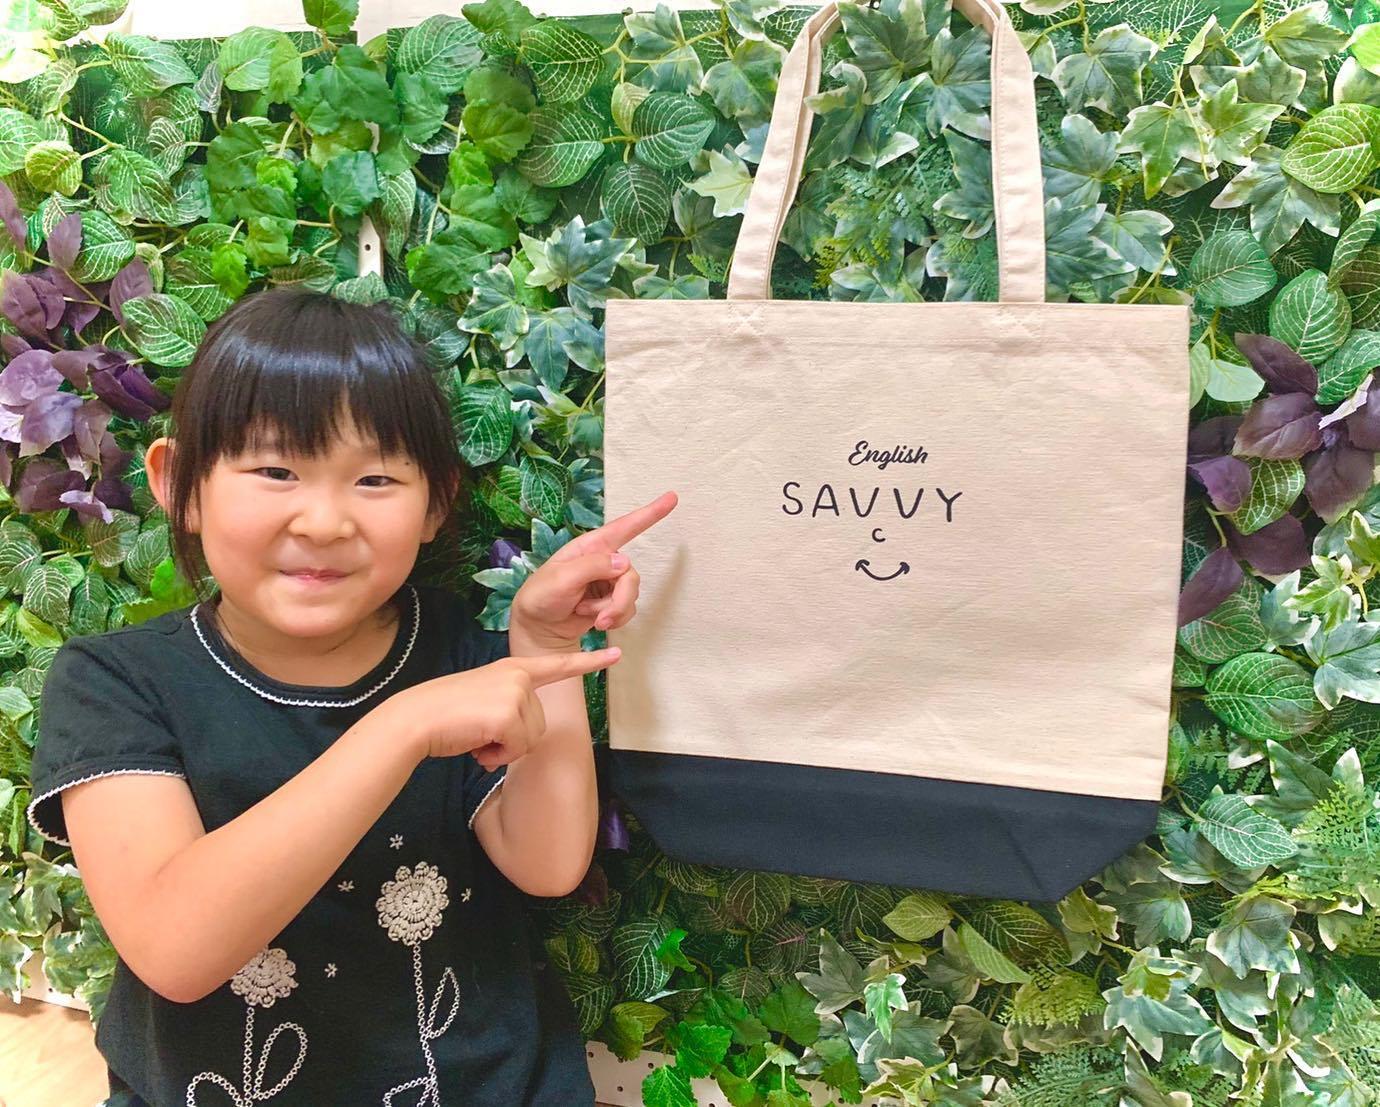 西宮 英語・英会話教室 English Savvy (イングリッシュ サヴィ) from Instagram